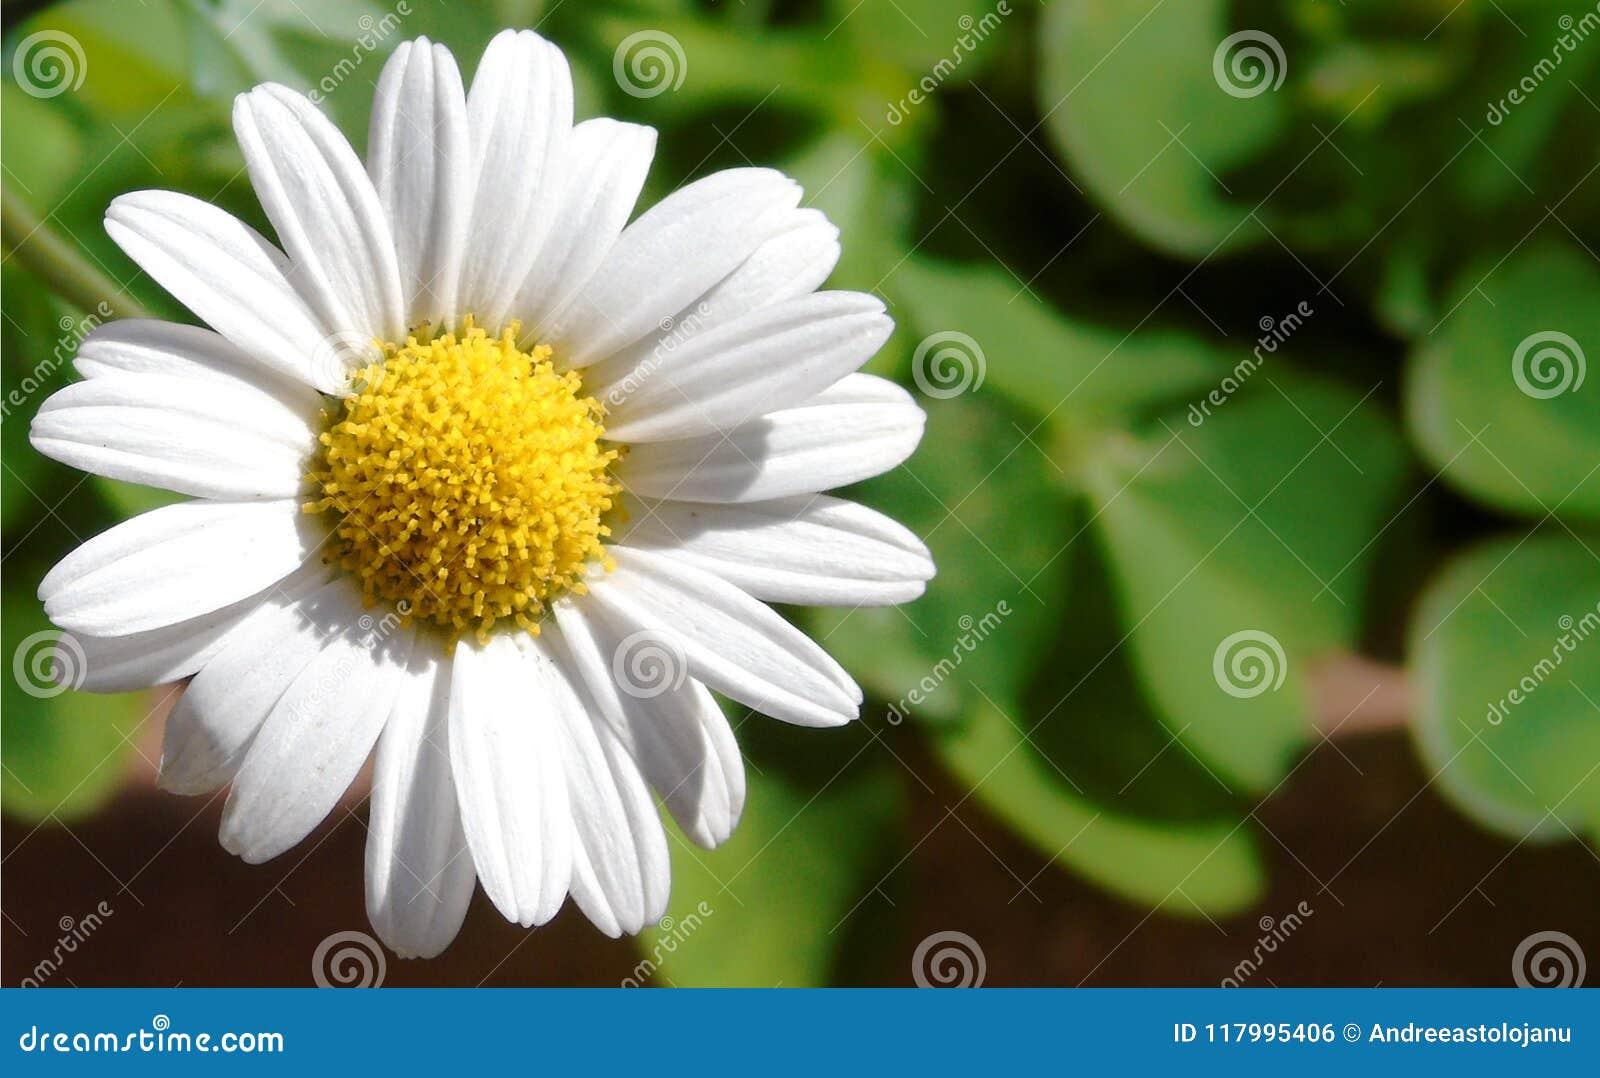 Nahaufnahme eines kleinen weißen Gänseblümchens, tadellos ringsum Blume